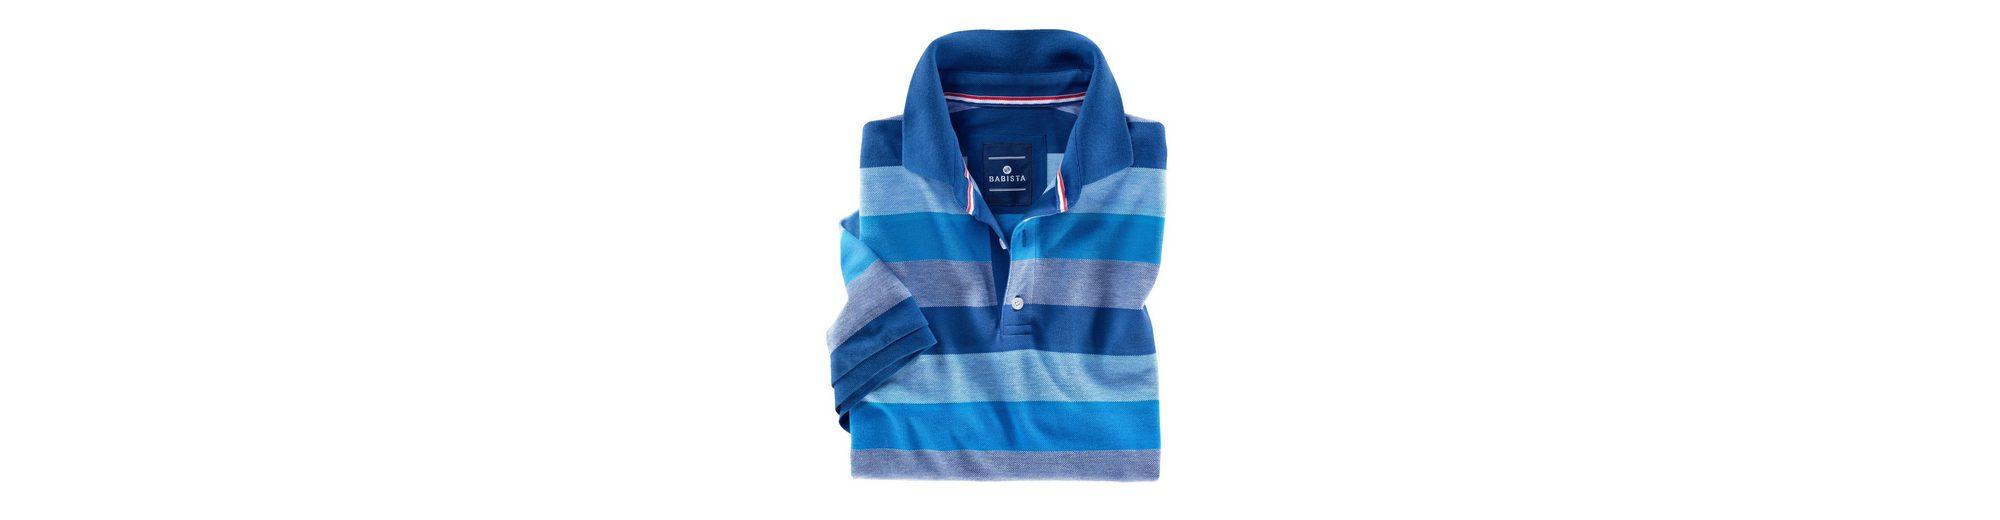 Babista Poloshirt in zweifarbiger Optik Rabatt-Codes Online-Shopping eH8zL1M